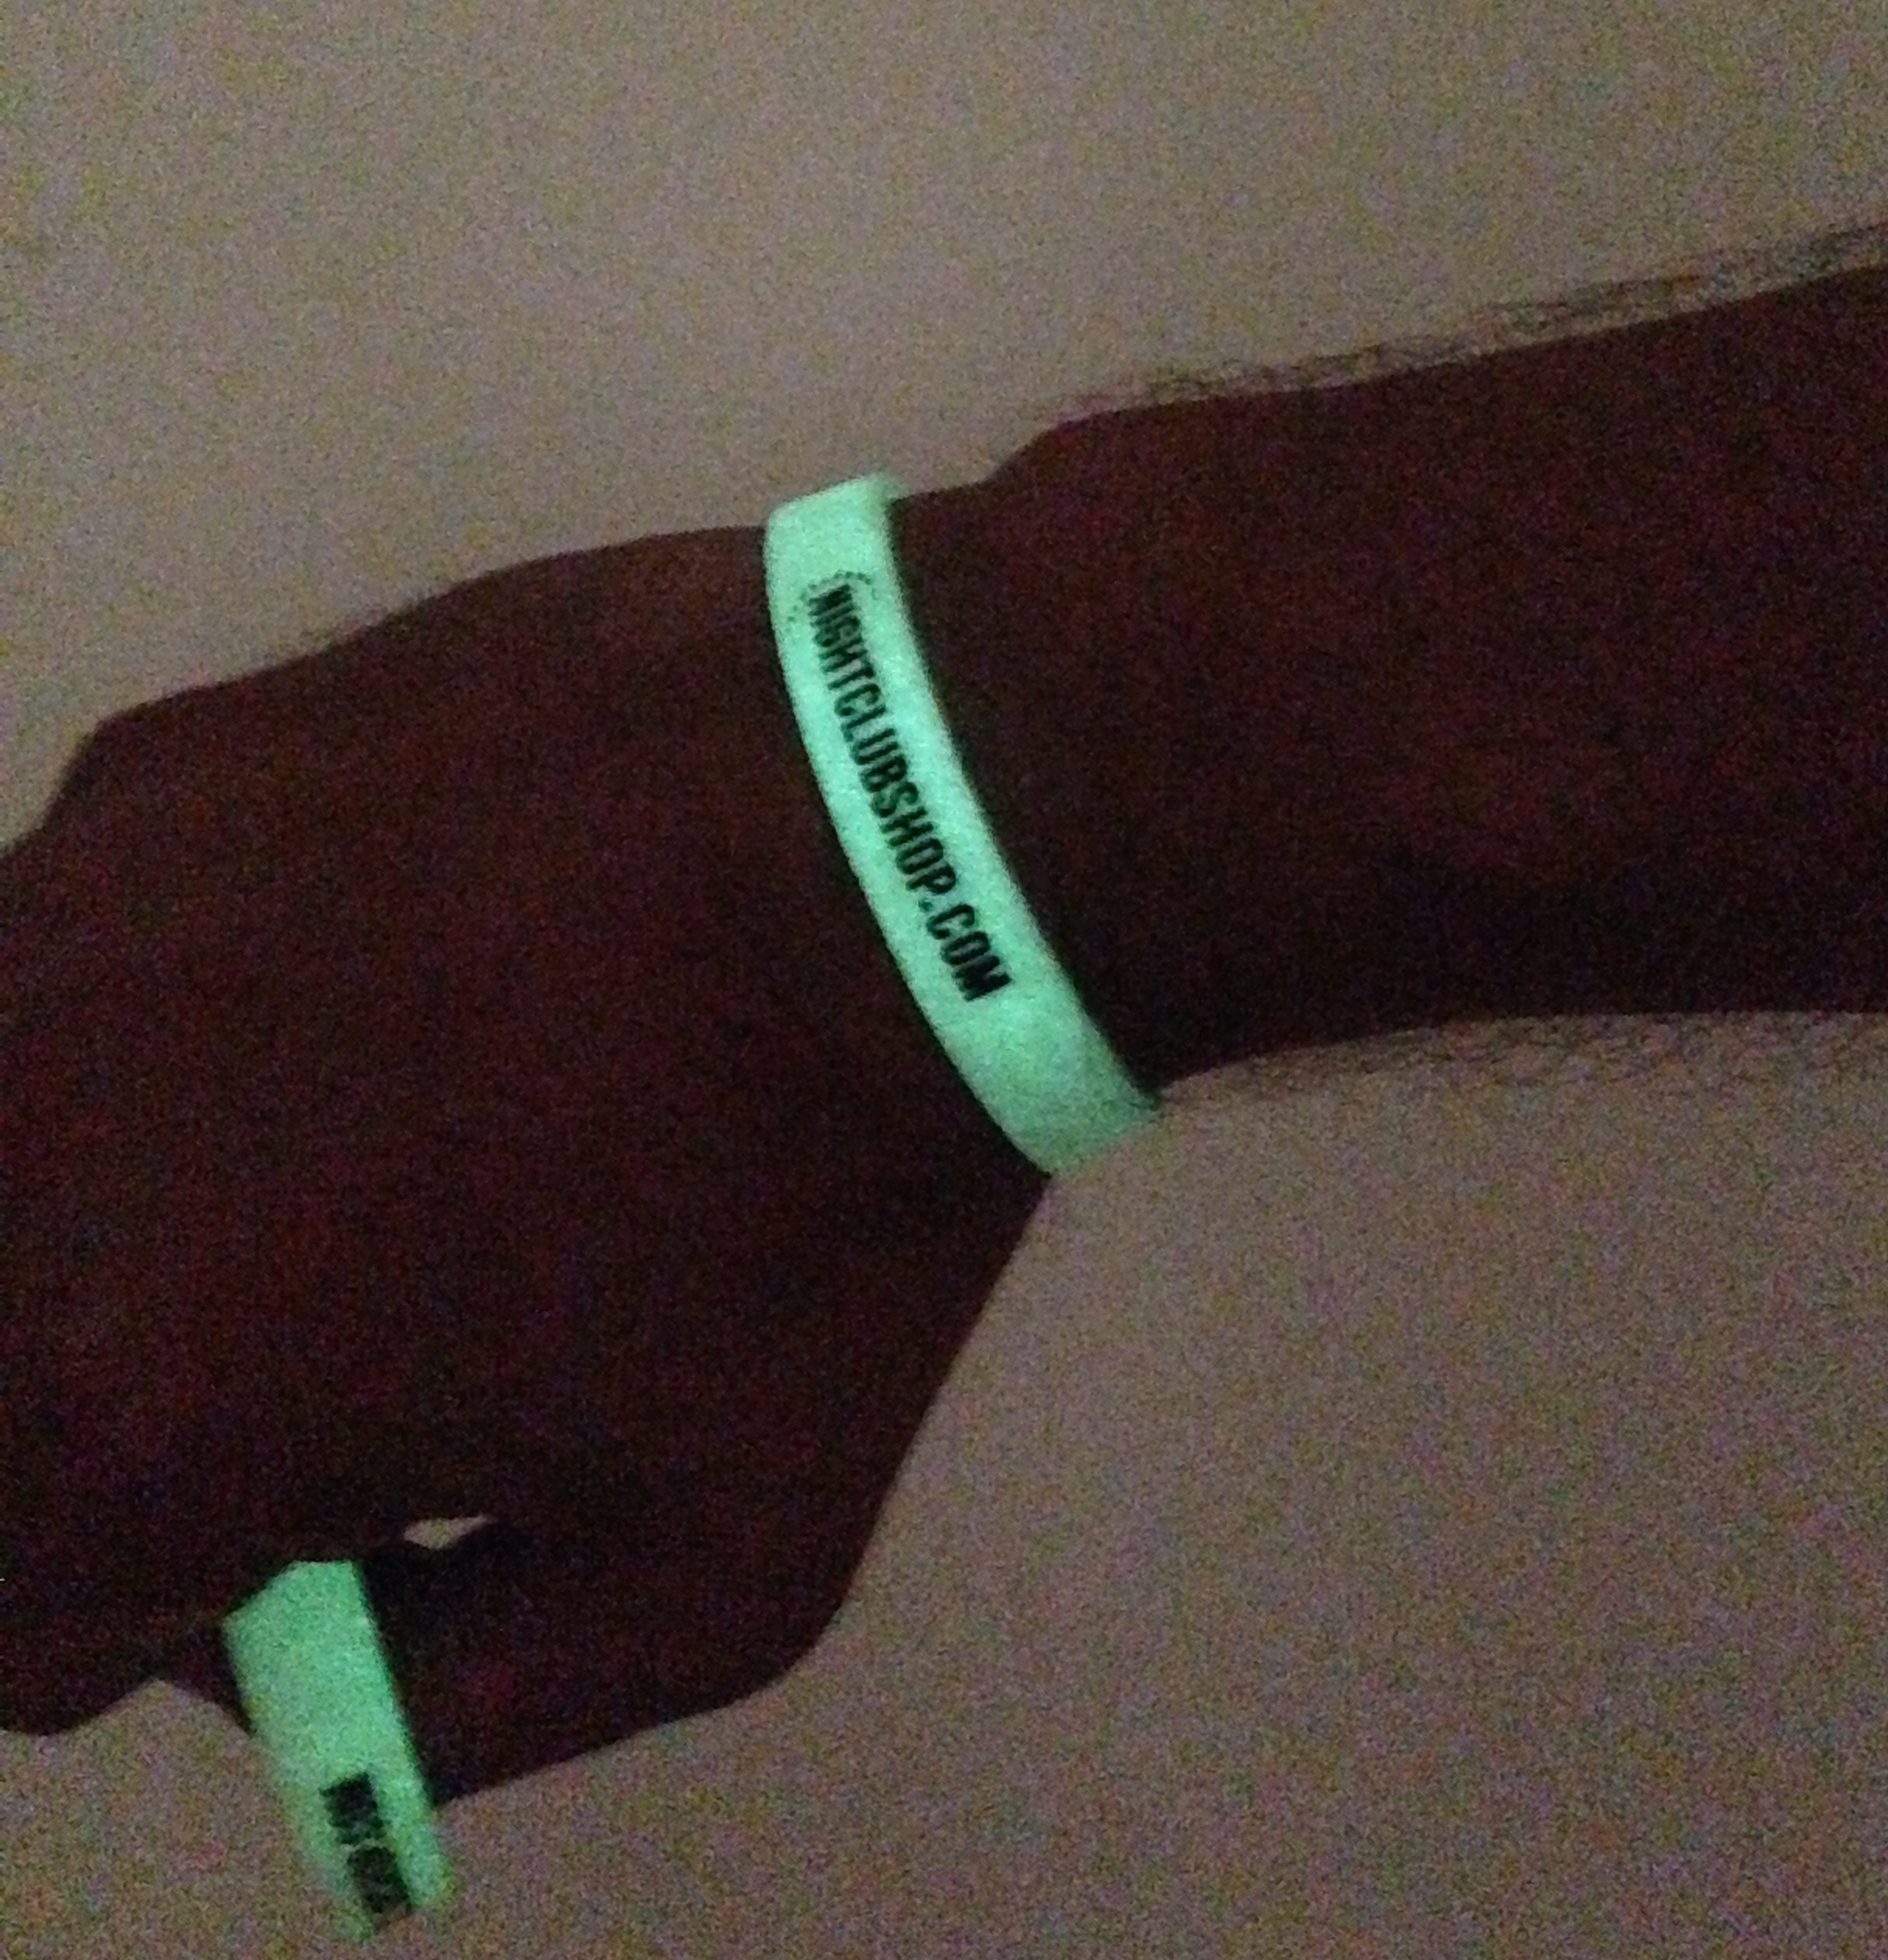 actual-picture-real-custom-glow-debossed-wristbands-nightclub-shop-glowing-.jpg